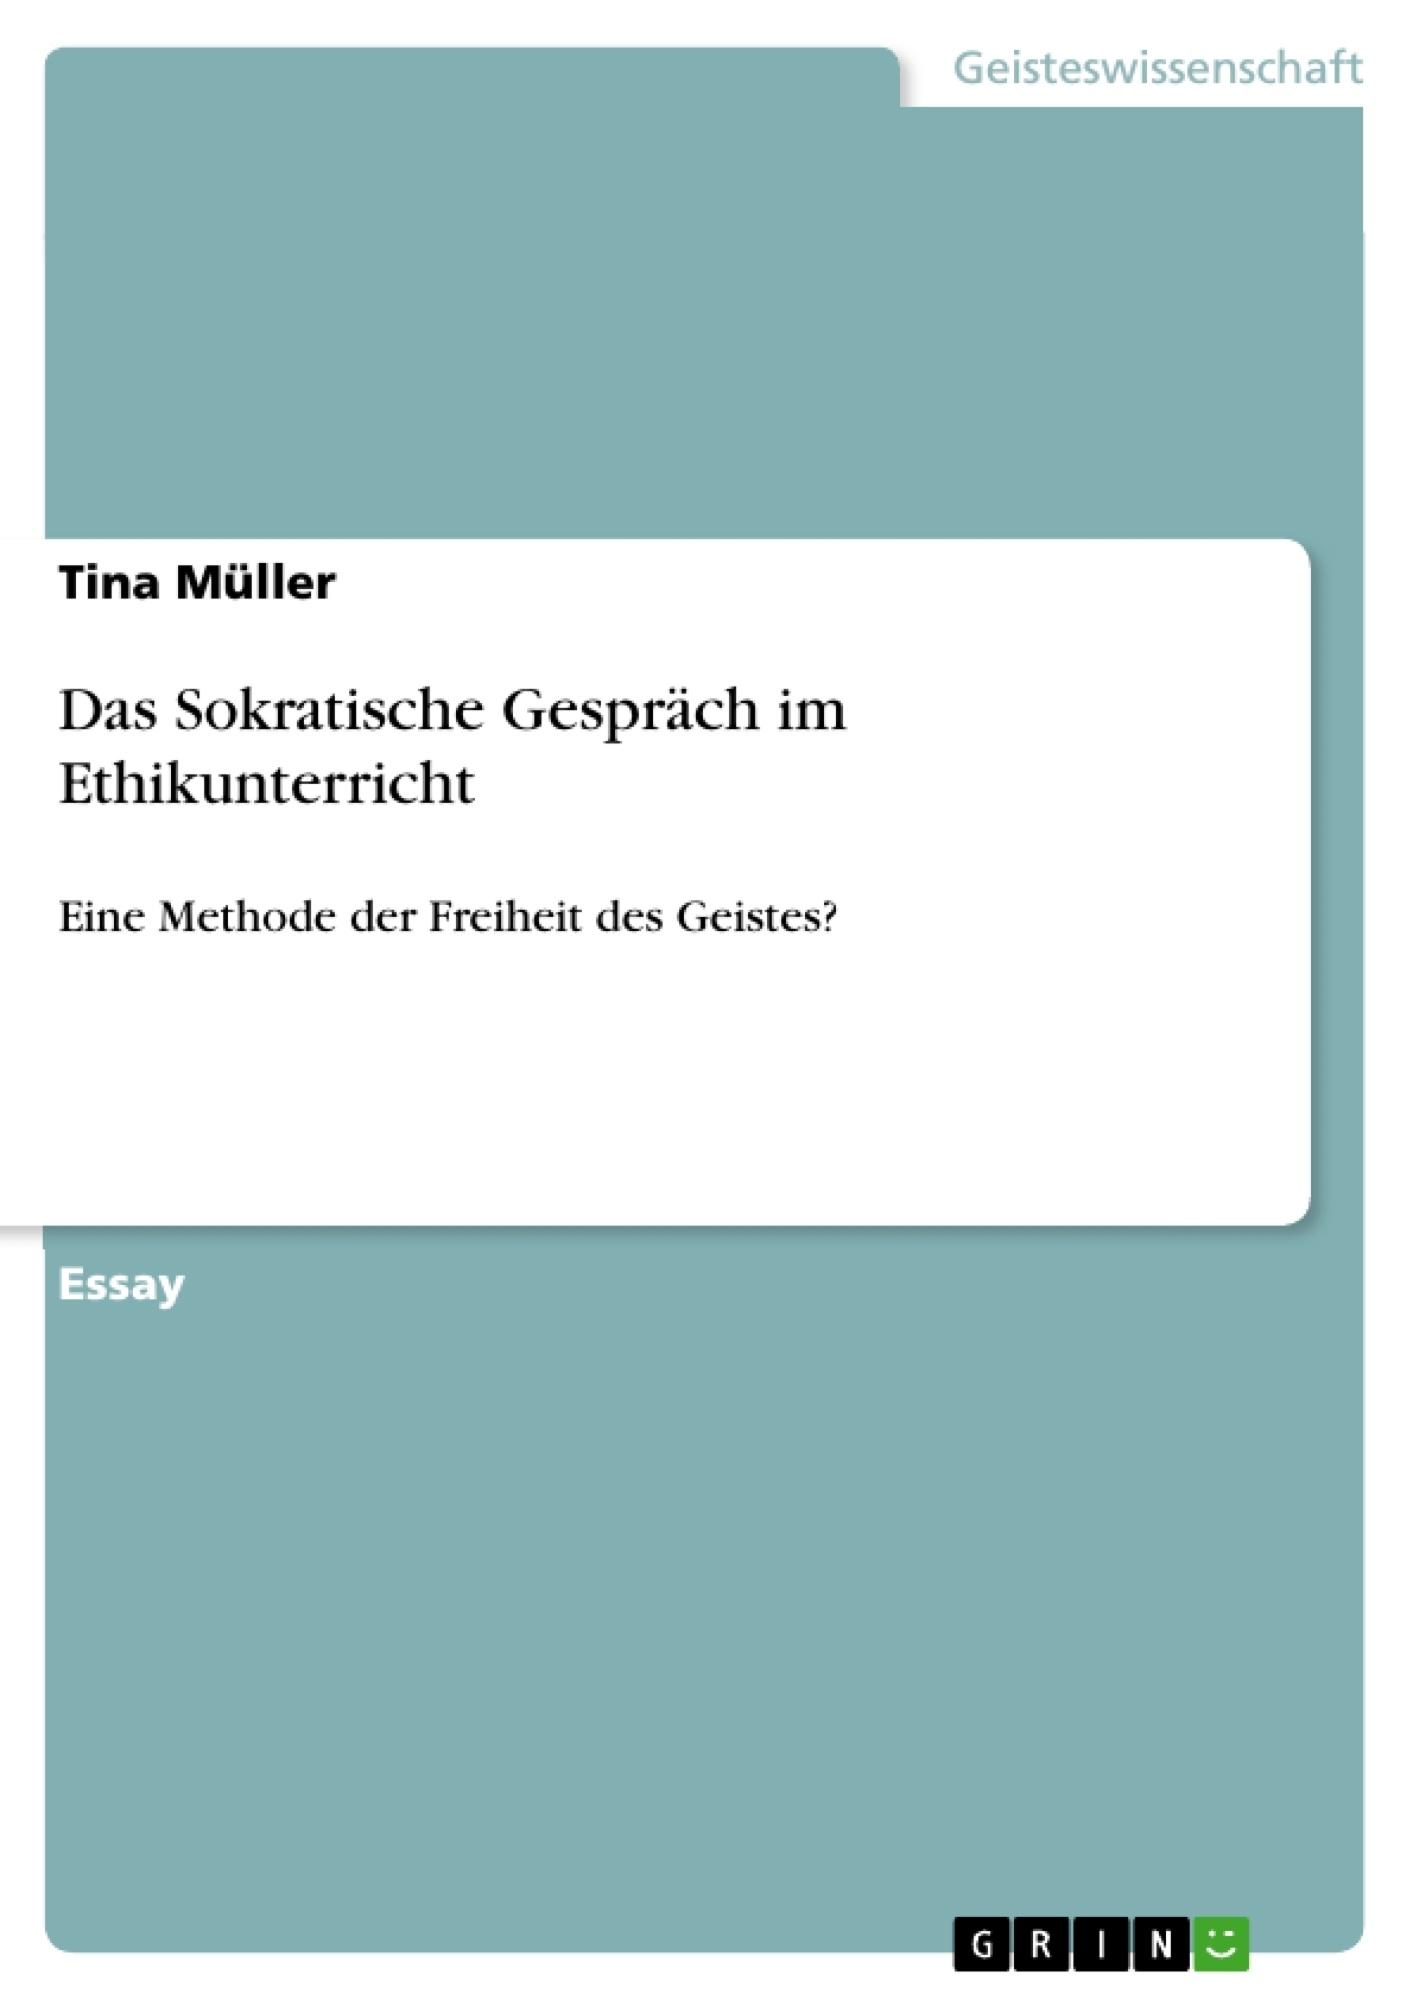 Titel: Das Sokratische Gespräch im Ethikunterricht